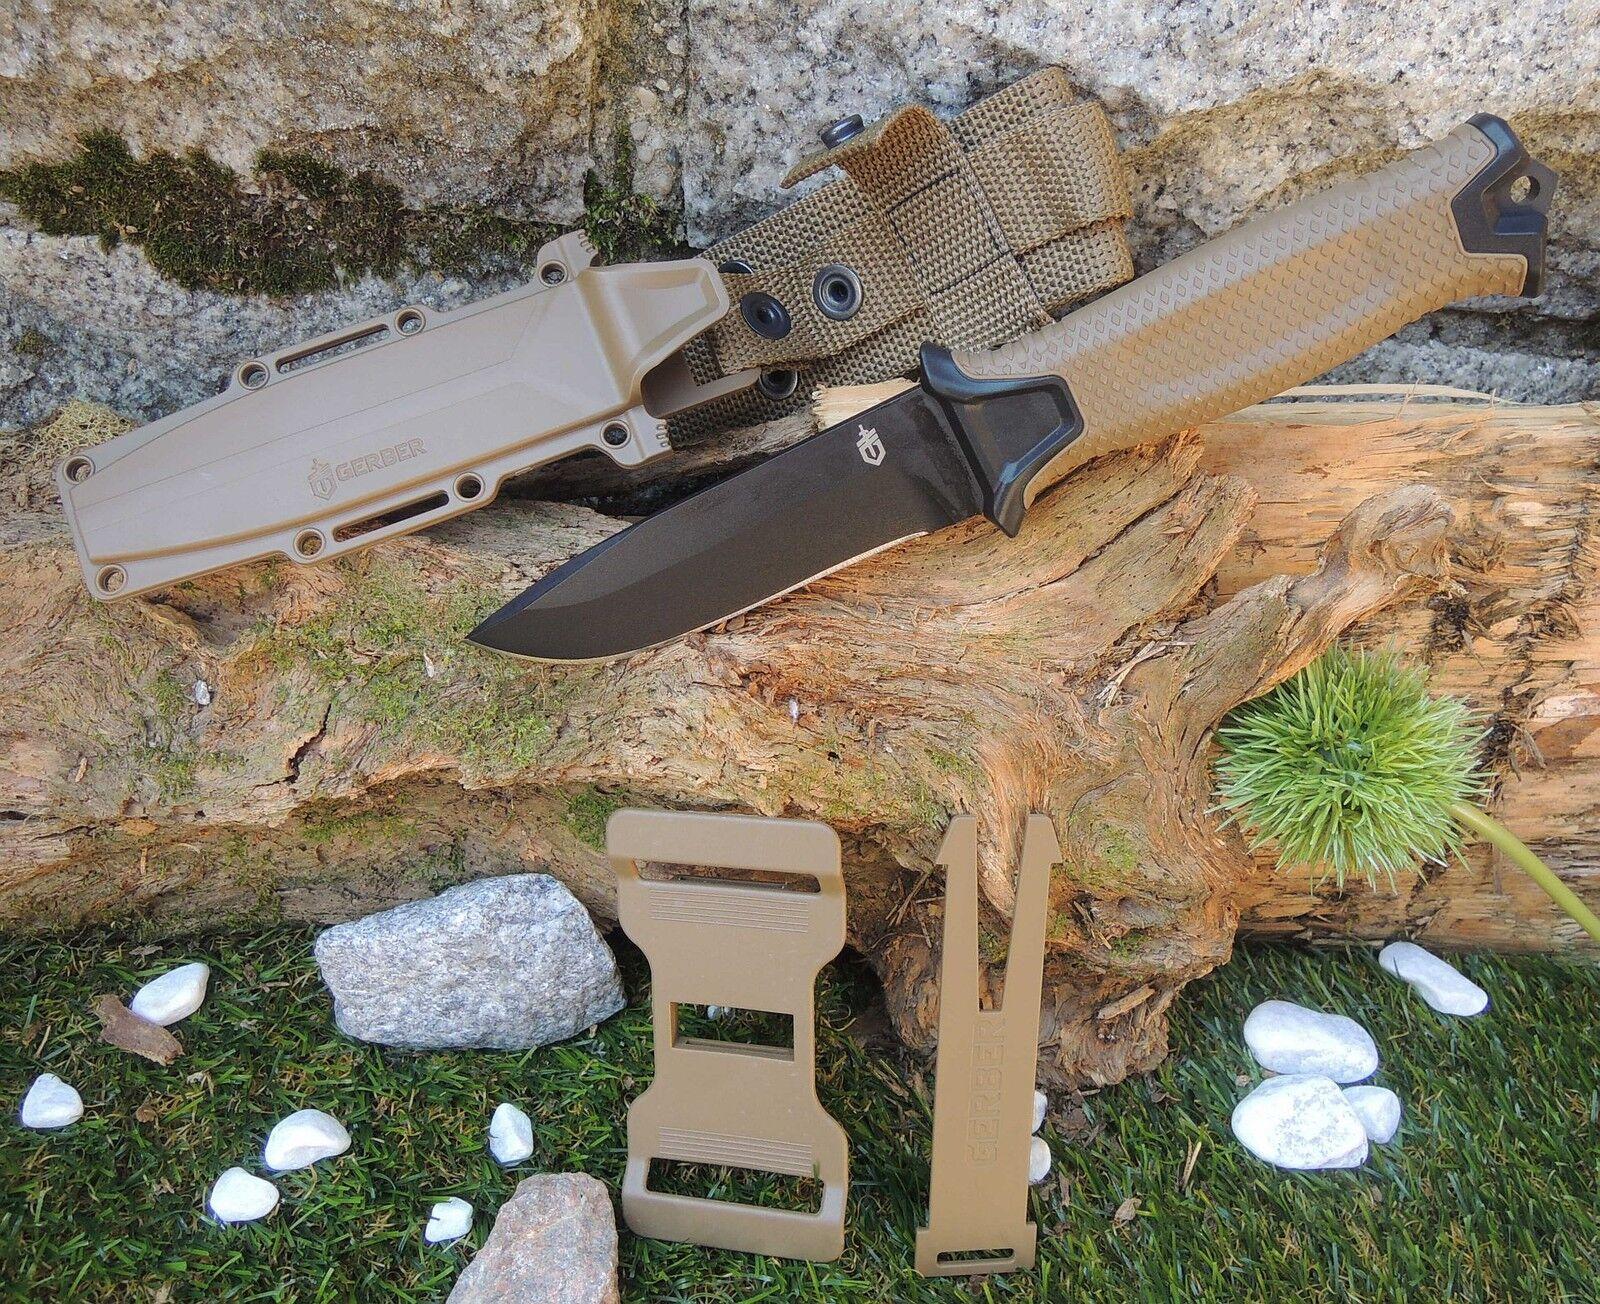 Gerber Strongarm coyote Messer Fahrtenmesser Outdoormesser + MOLLE Scheide G1058  | Erste Kunden Eine Vollständige Palette Von Spezifikationen